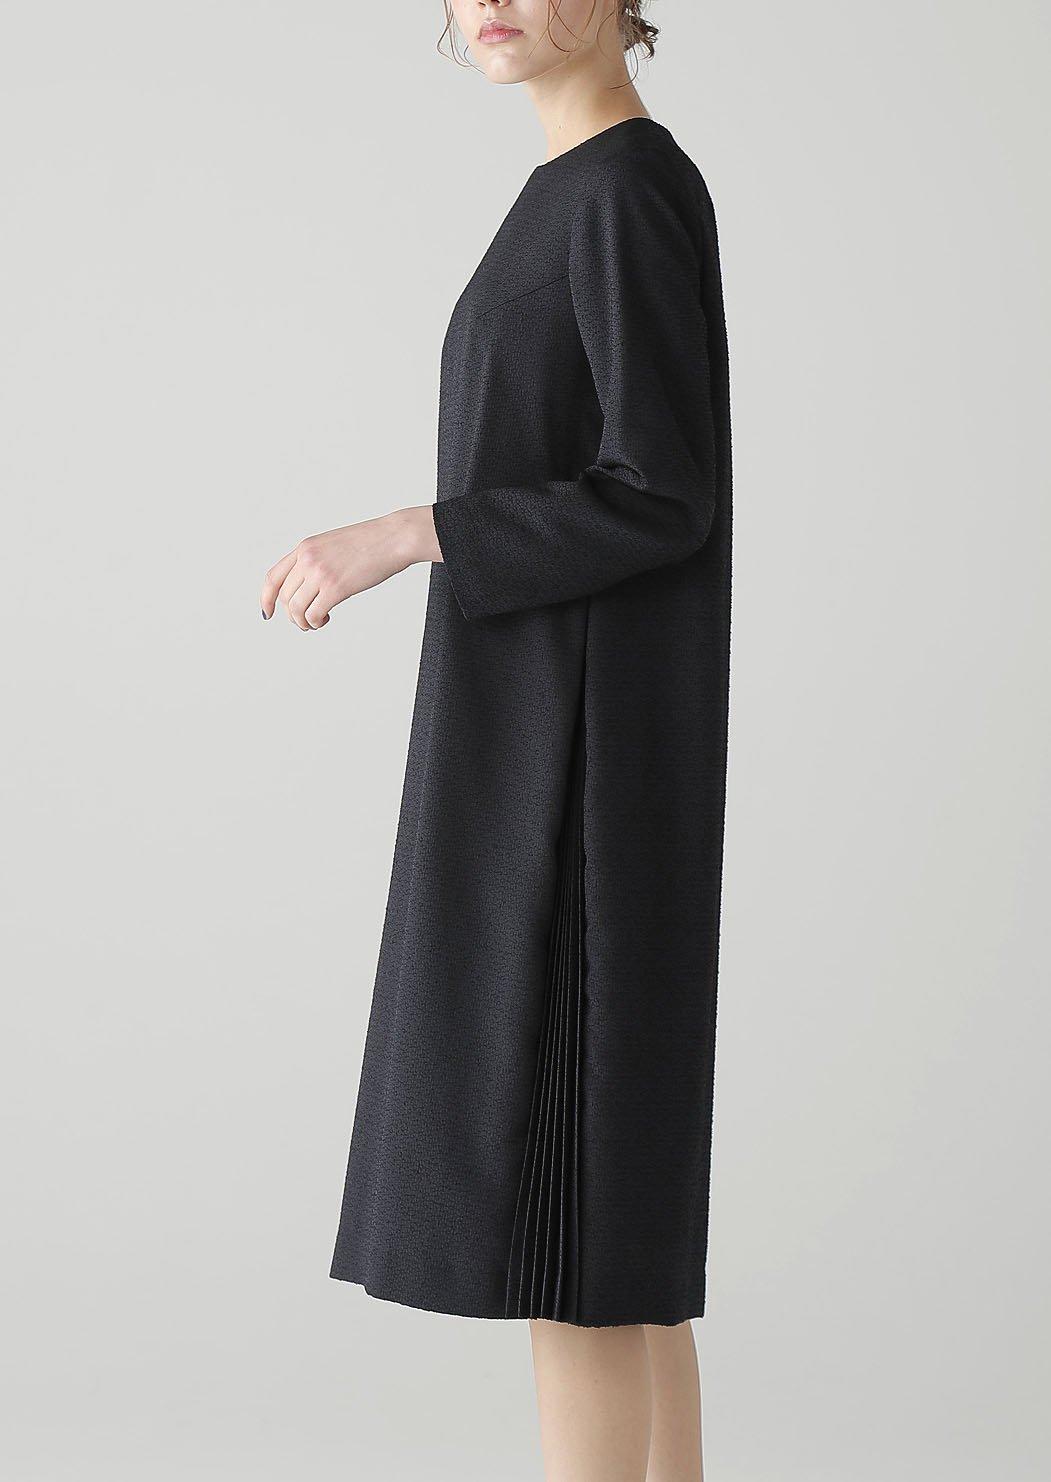 ブラックサイドプリーツドレス